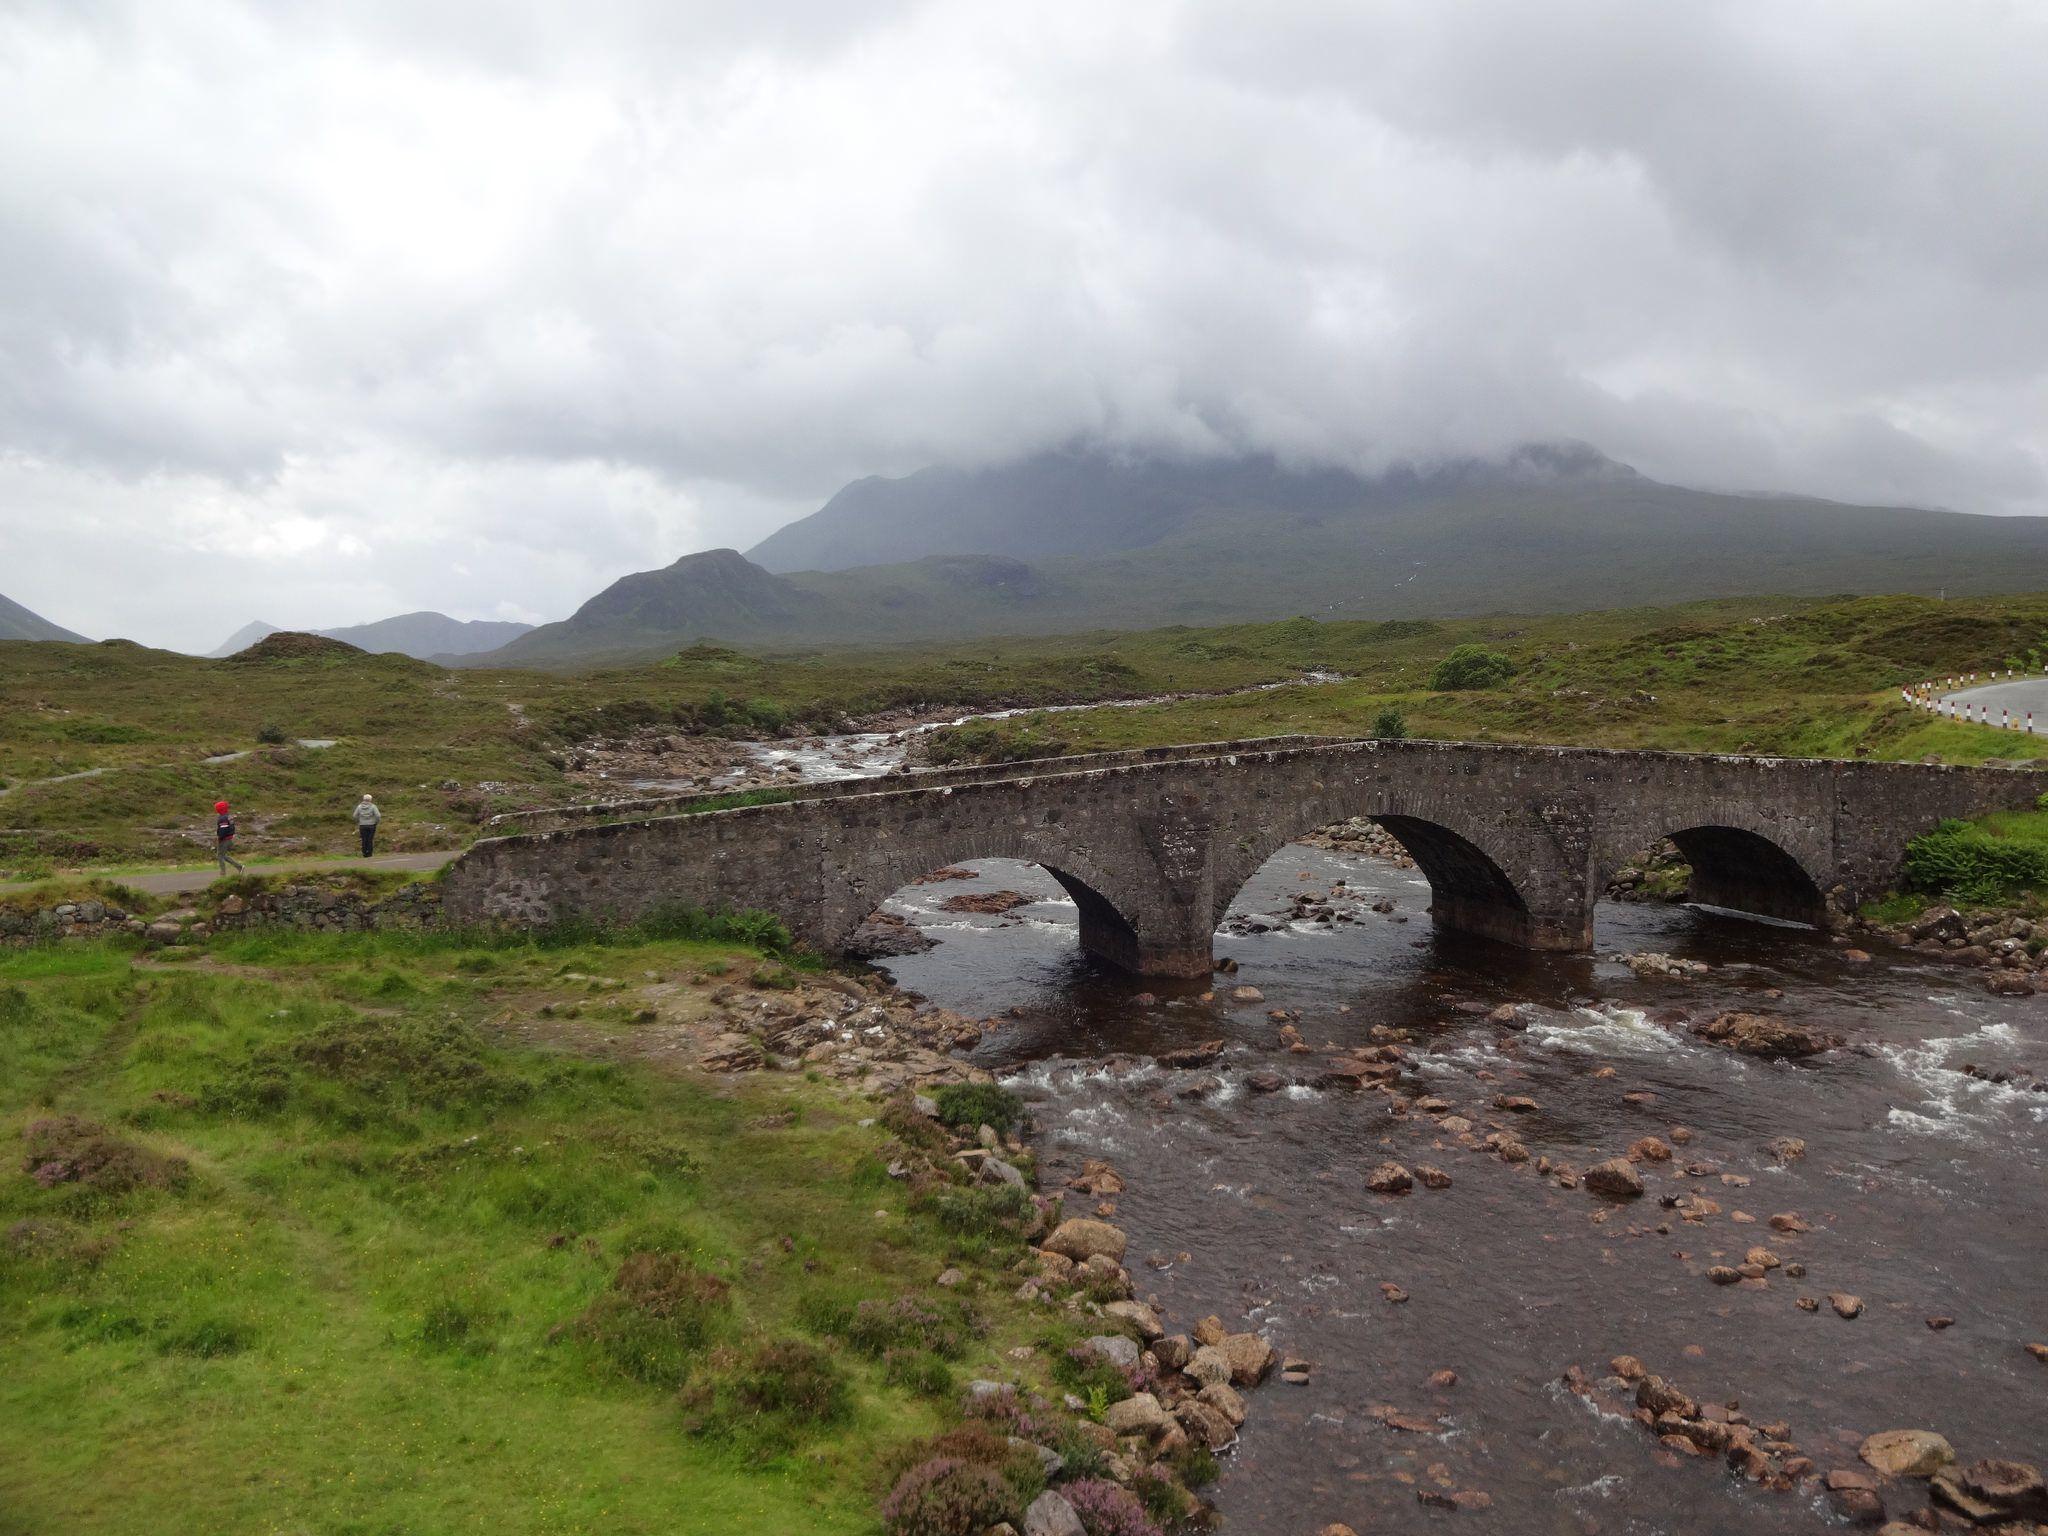 https://flic.kr/p/L5RmeZ | Schotland - Isle of Skye